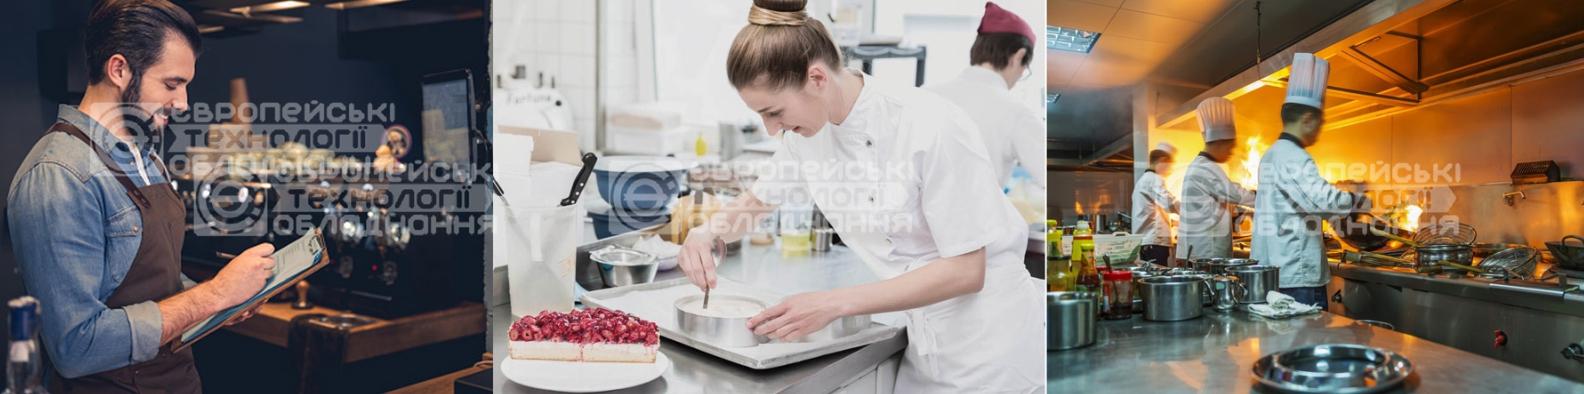 Профессиональное кухонное оборудование для баров, ресторанов и пекарен